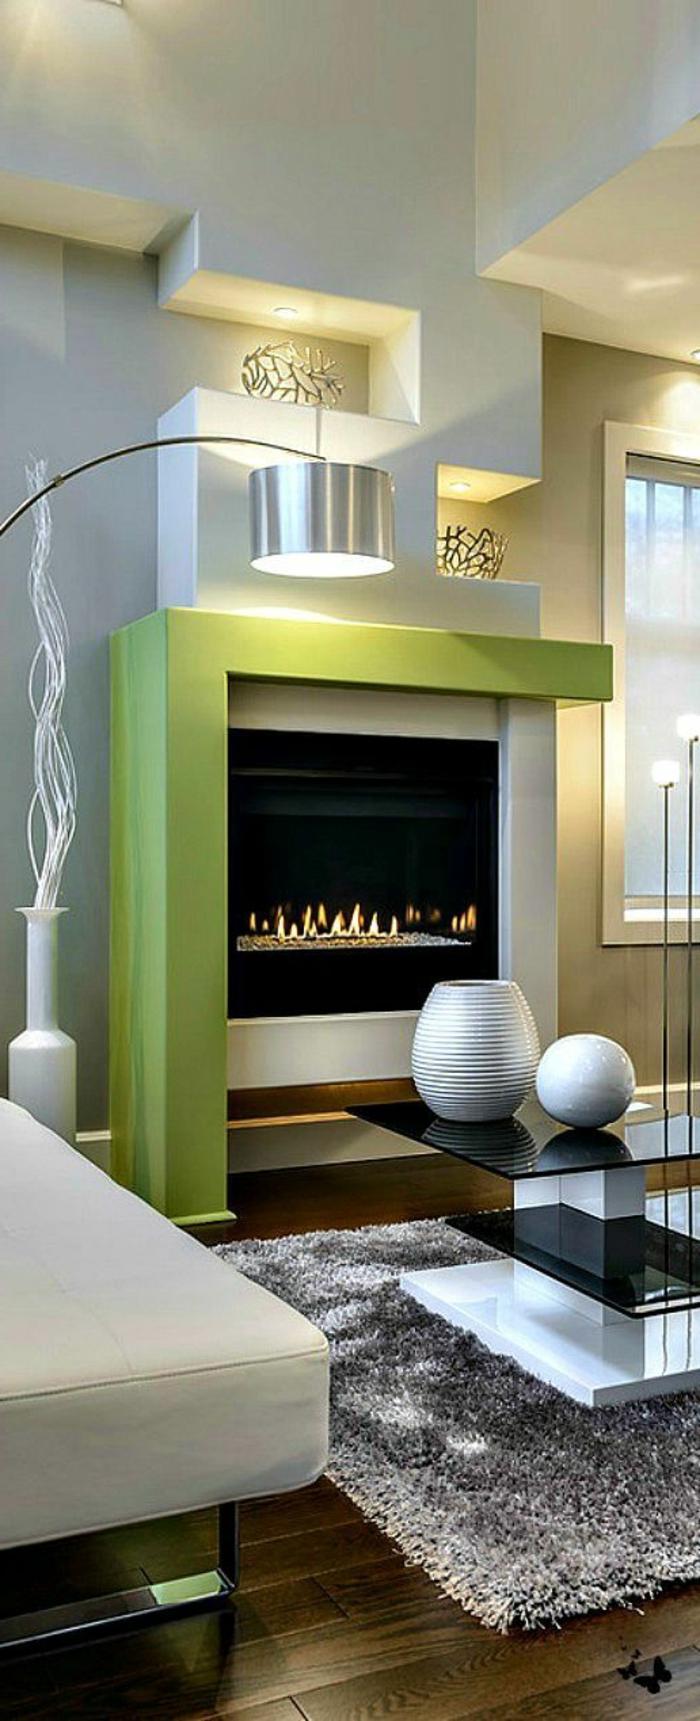 kamin design wohnzimmer einrichten grauer teppich grüne akzente